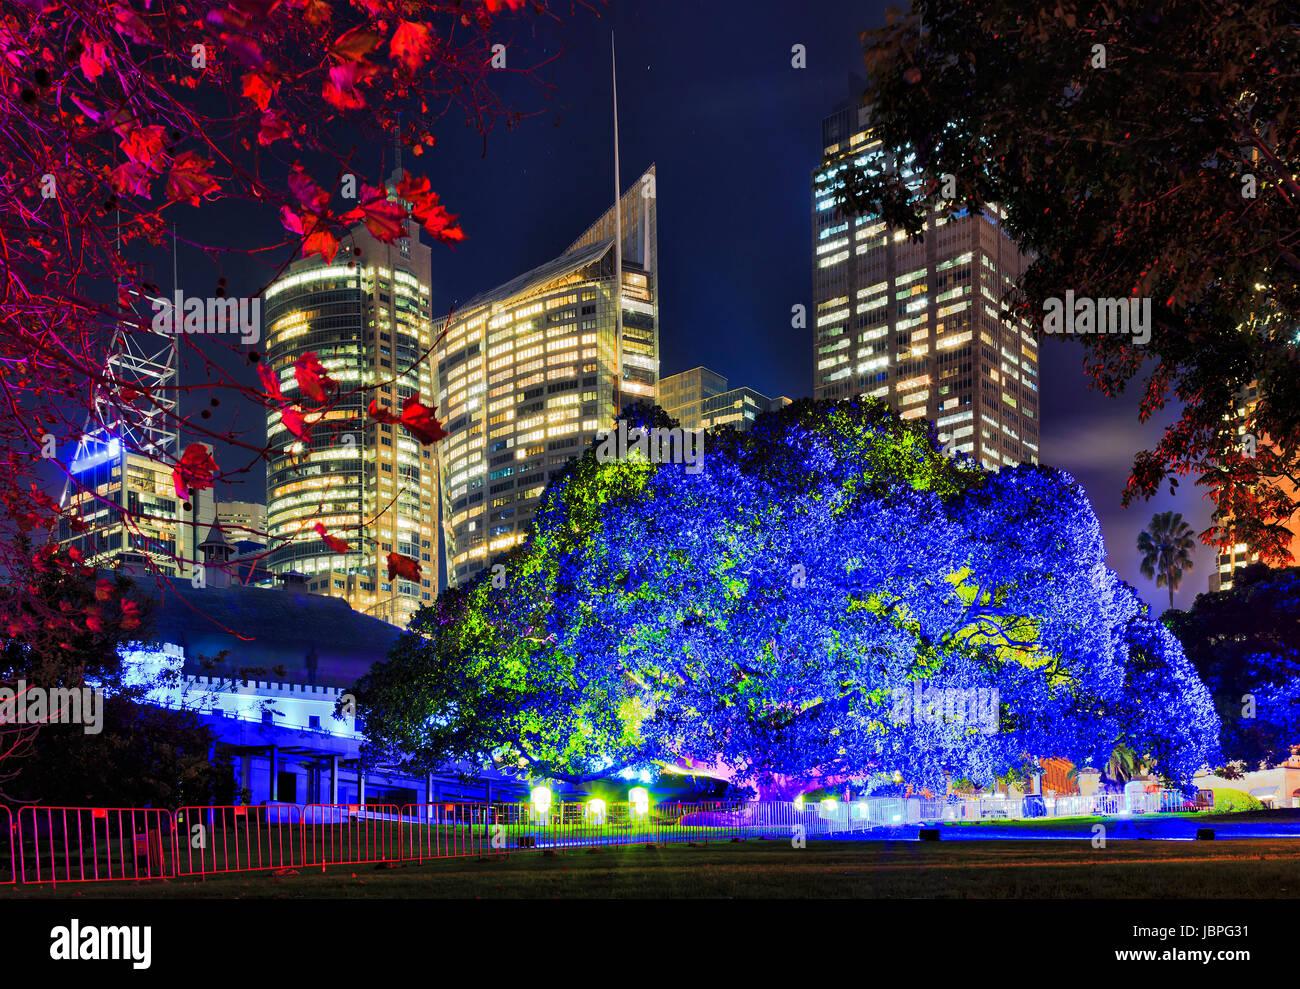 Sydney Royal Botanic Gardens grande albero illuminato di luce blu contro il CBD di torri grattacielo durante la Foto Stock